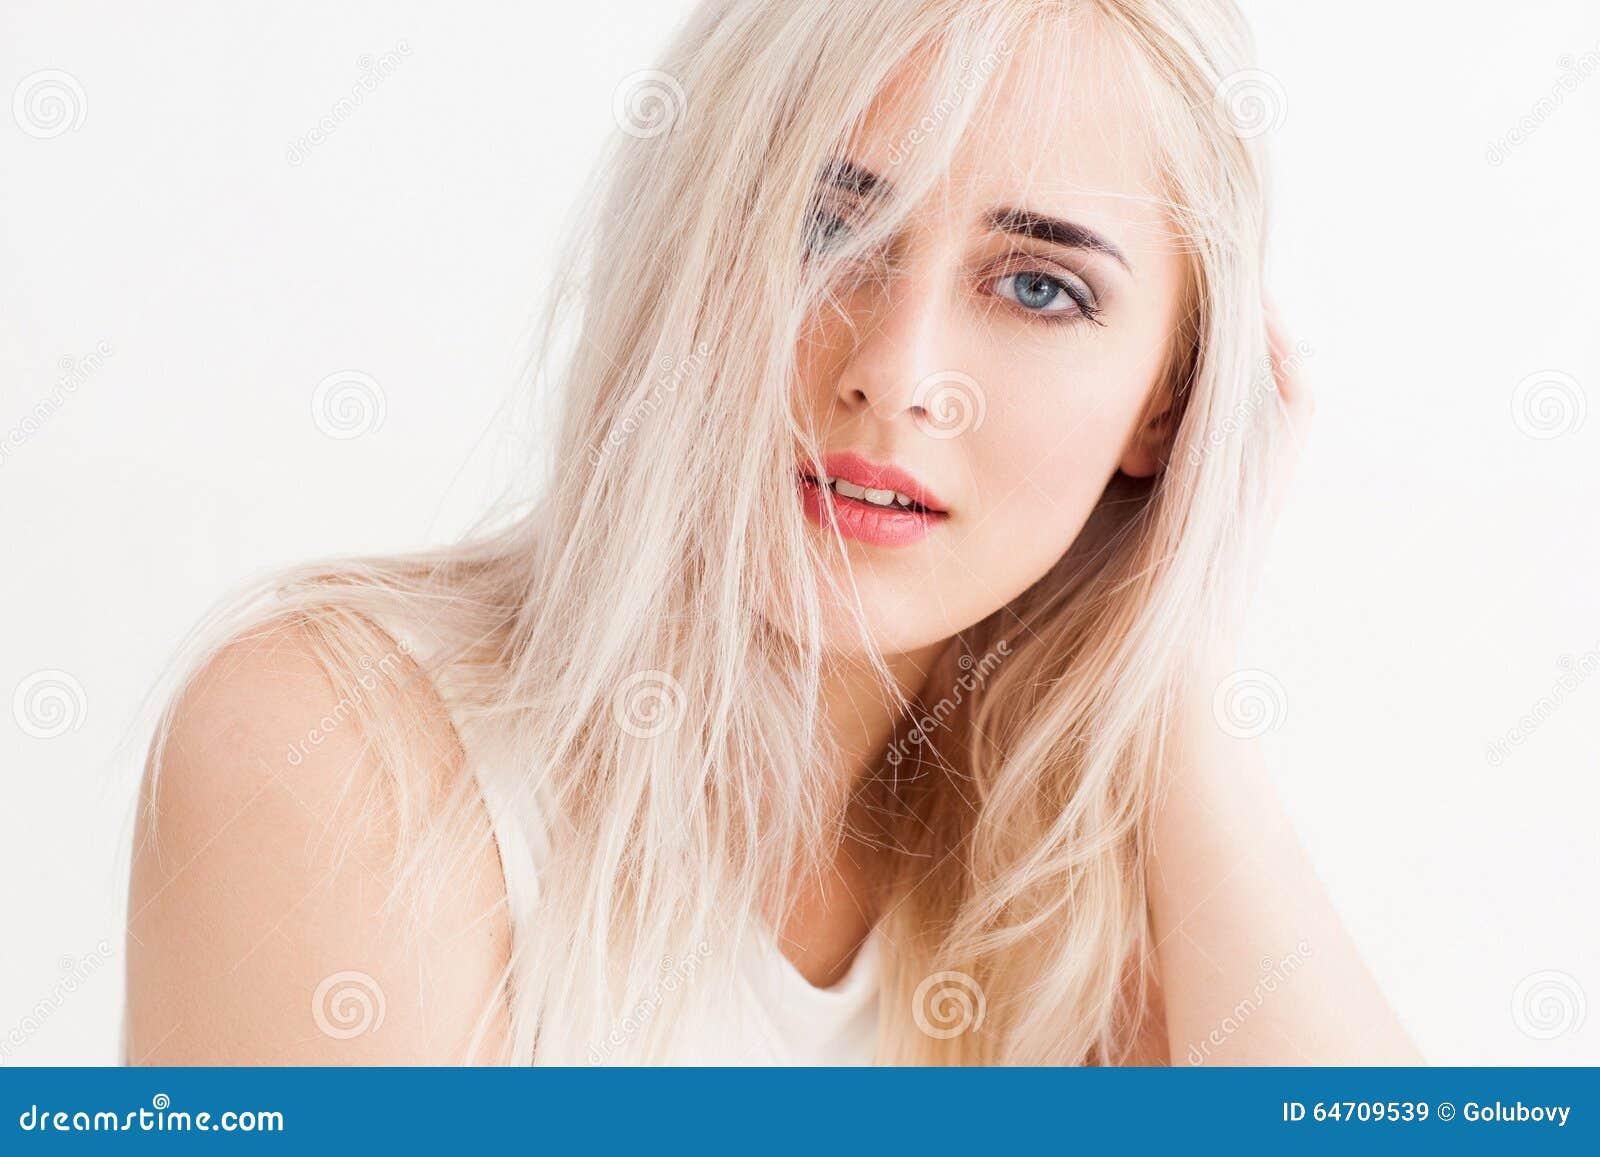 Ungepflegte Blondine ruhig und trustingly Blicke